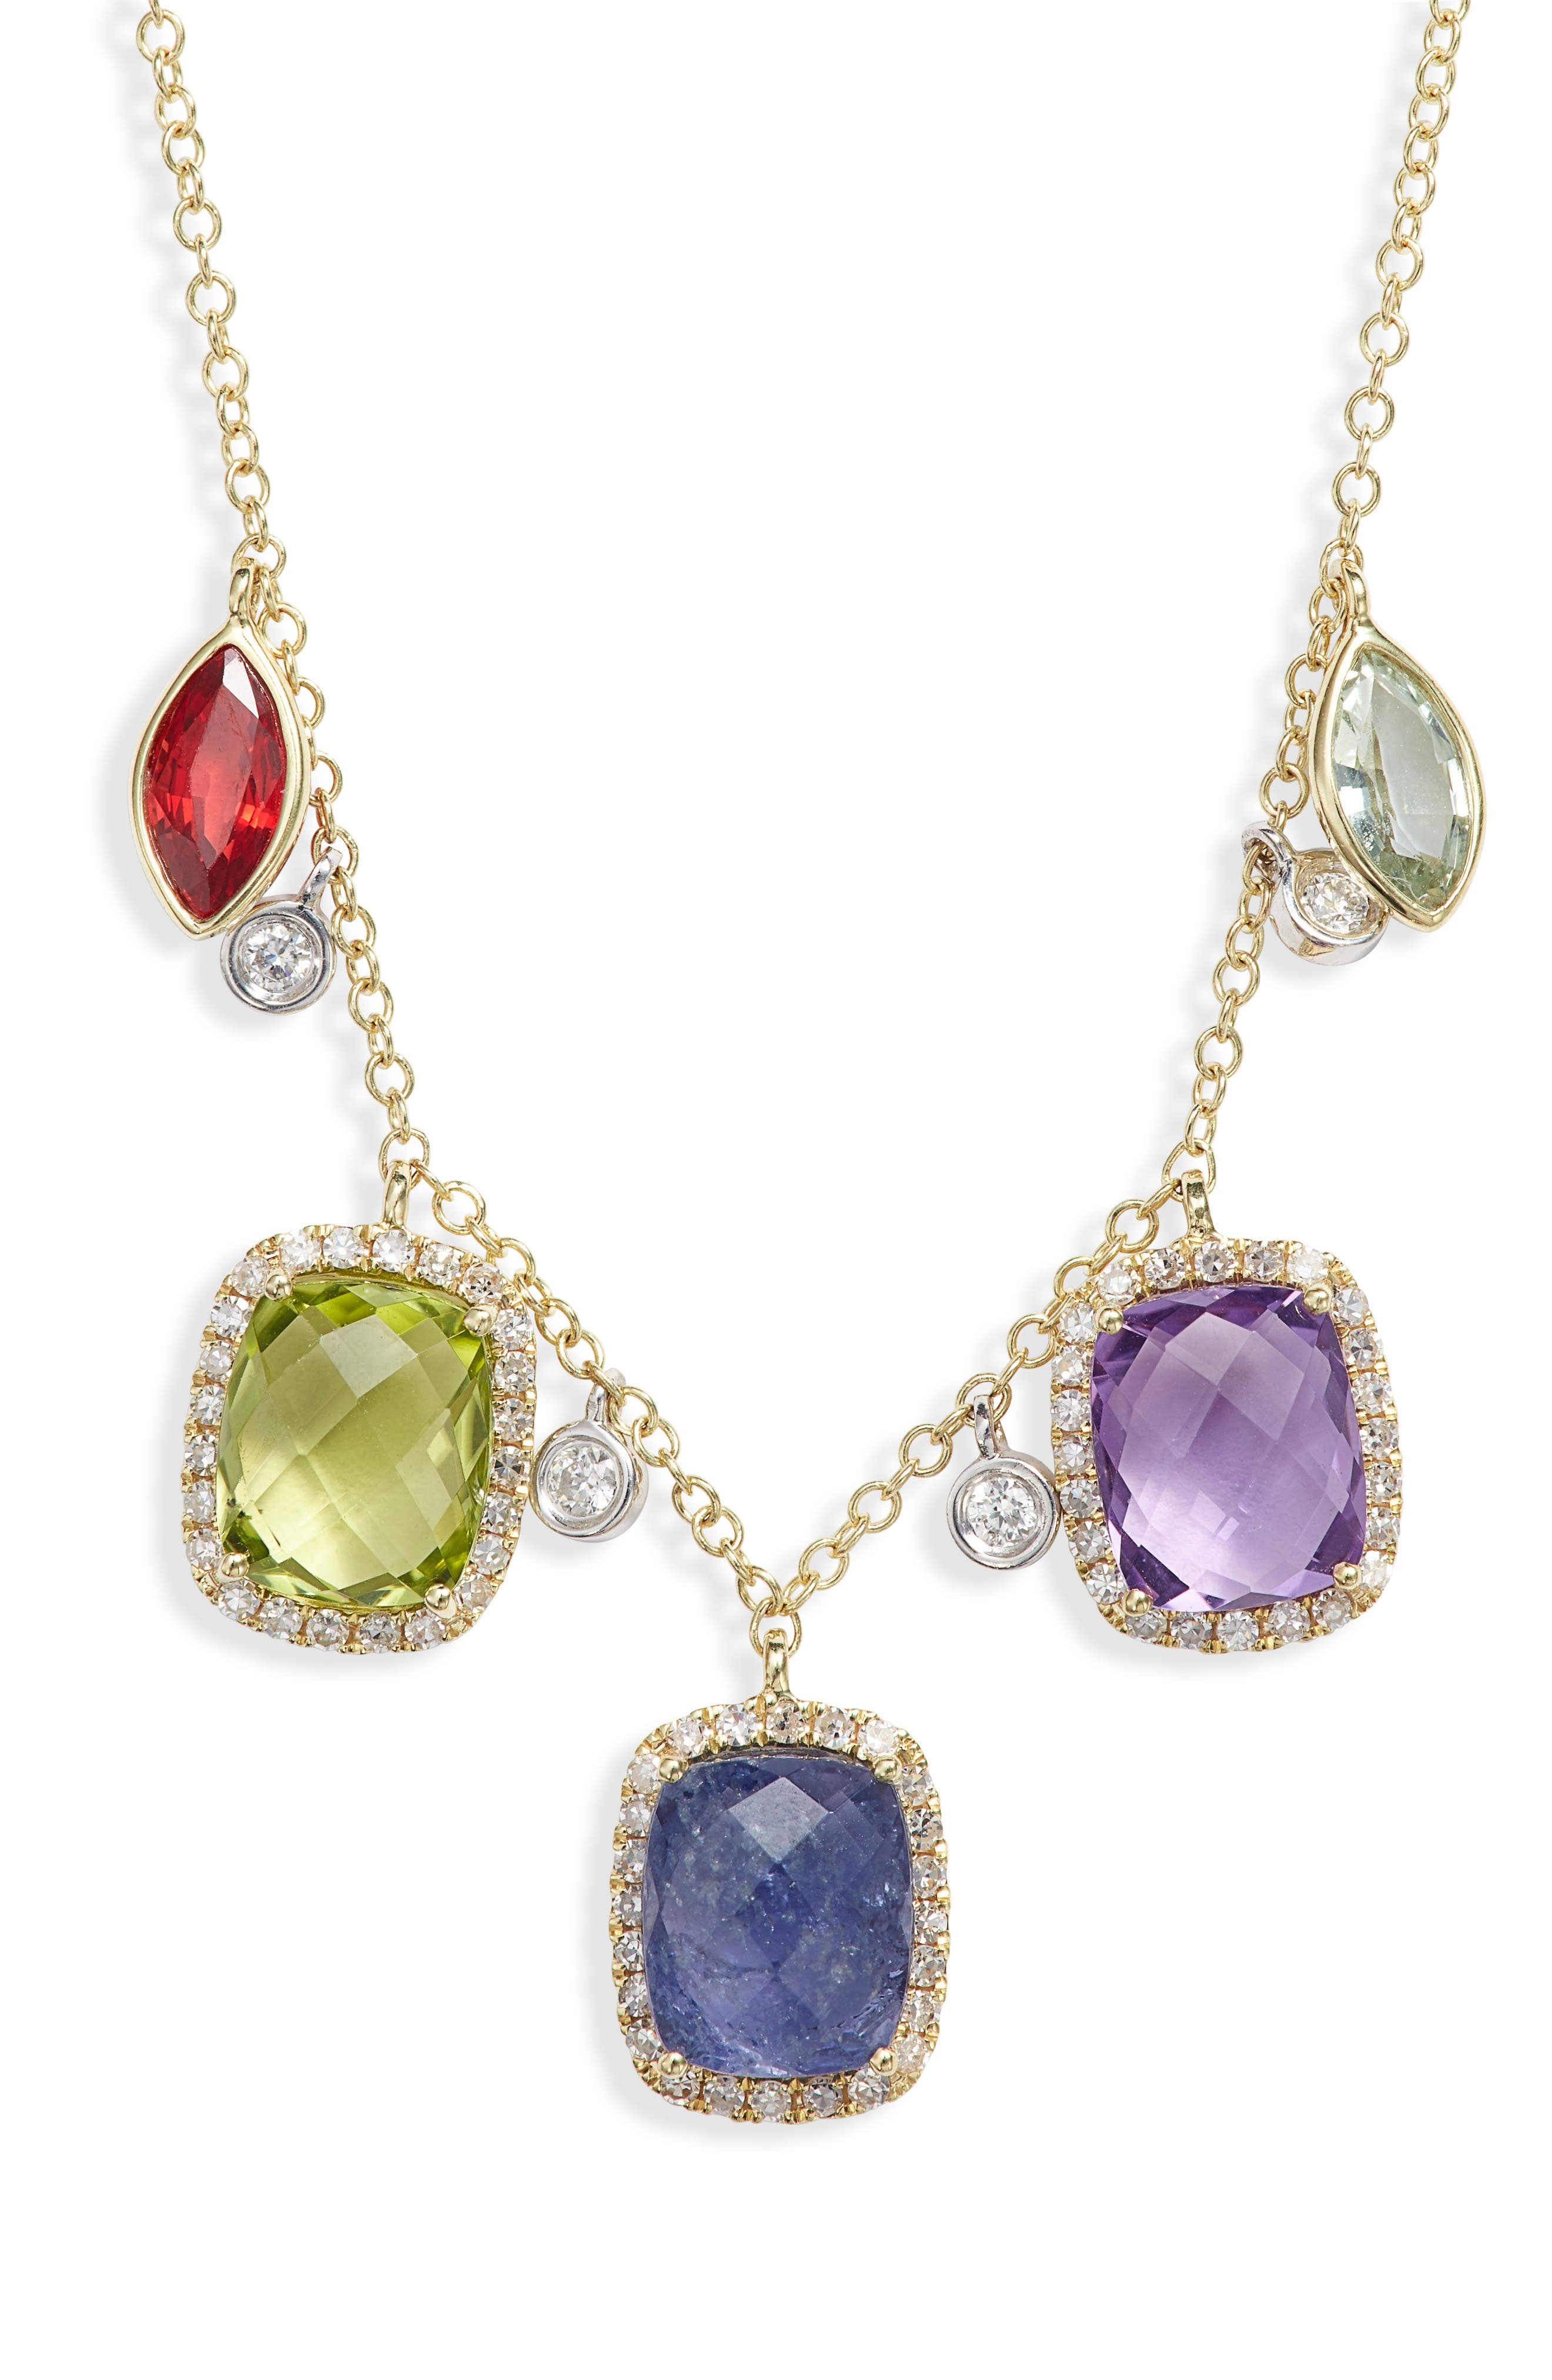 Semiprecious Stone & Diamond Necklace